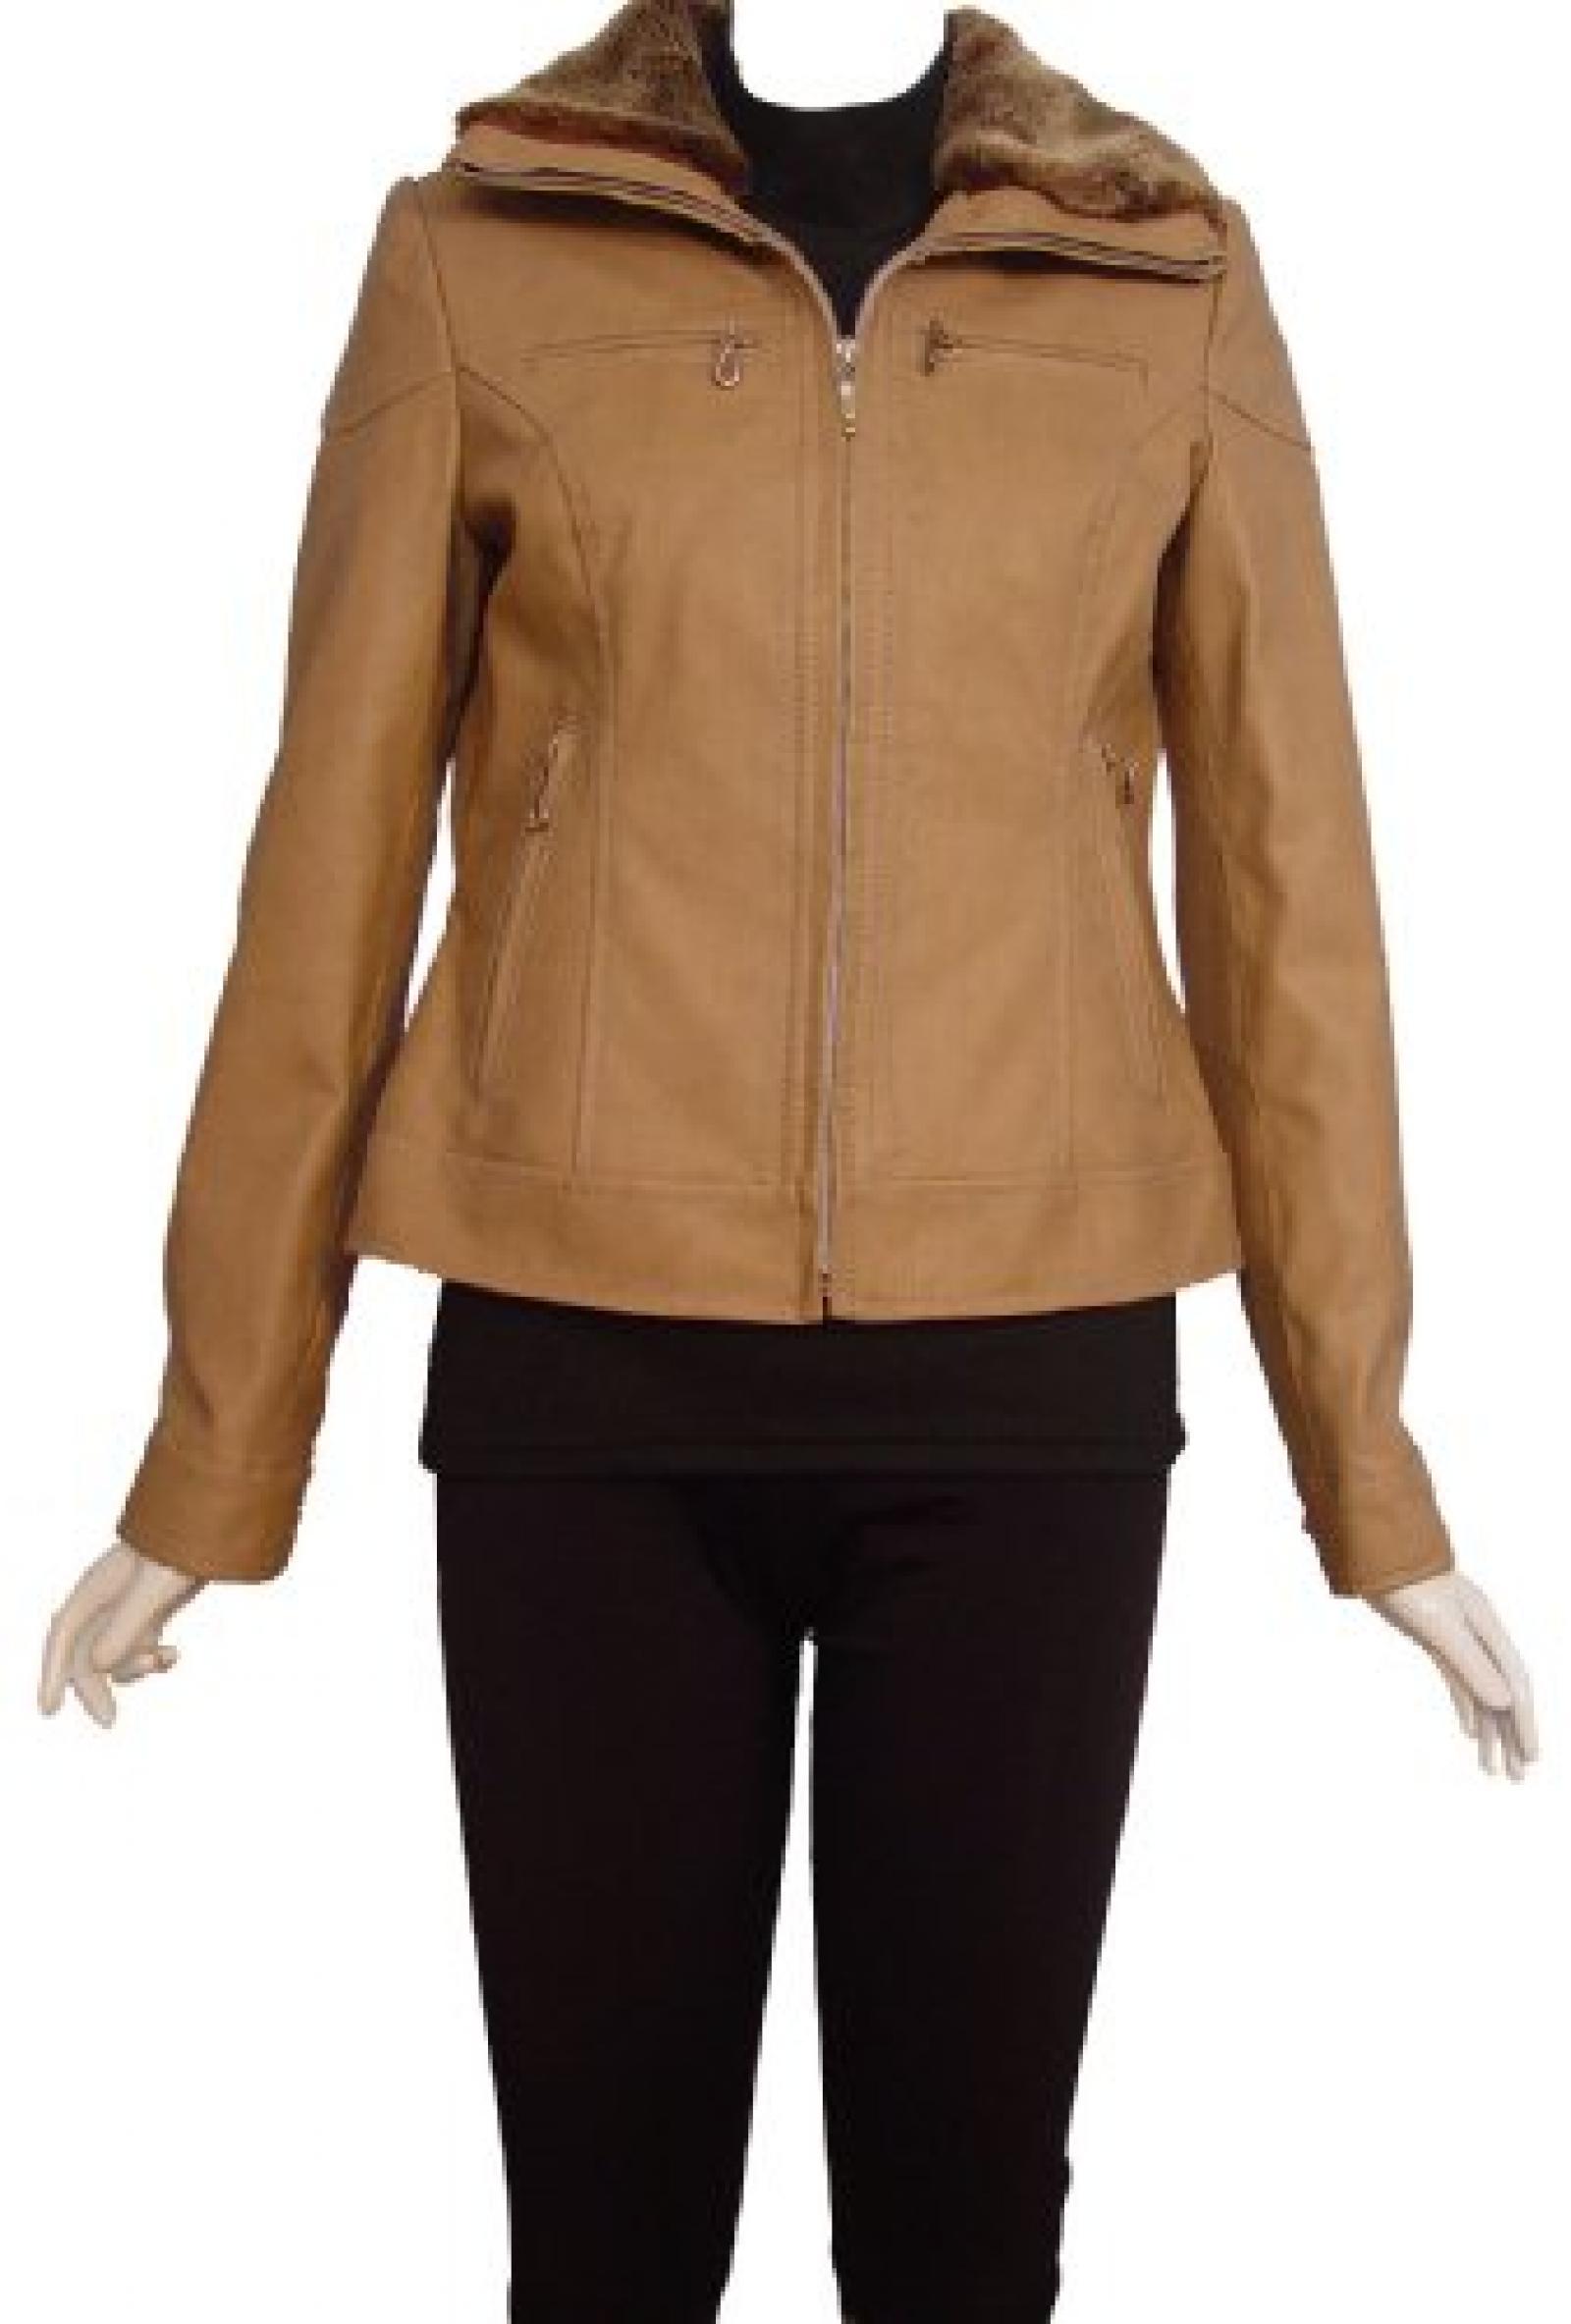 Nettailor Women PETITE SZ 4088 Lambskin Leather Casual Jacket Faux Fur Collar